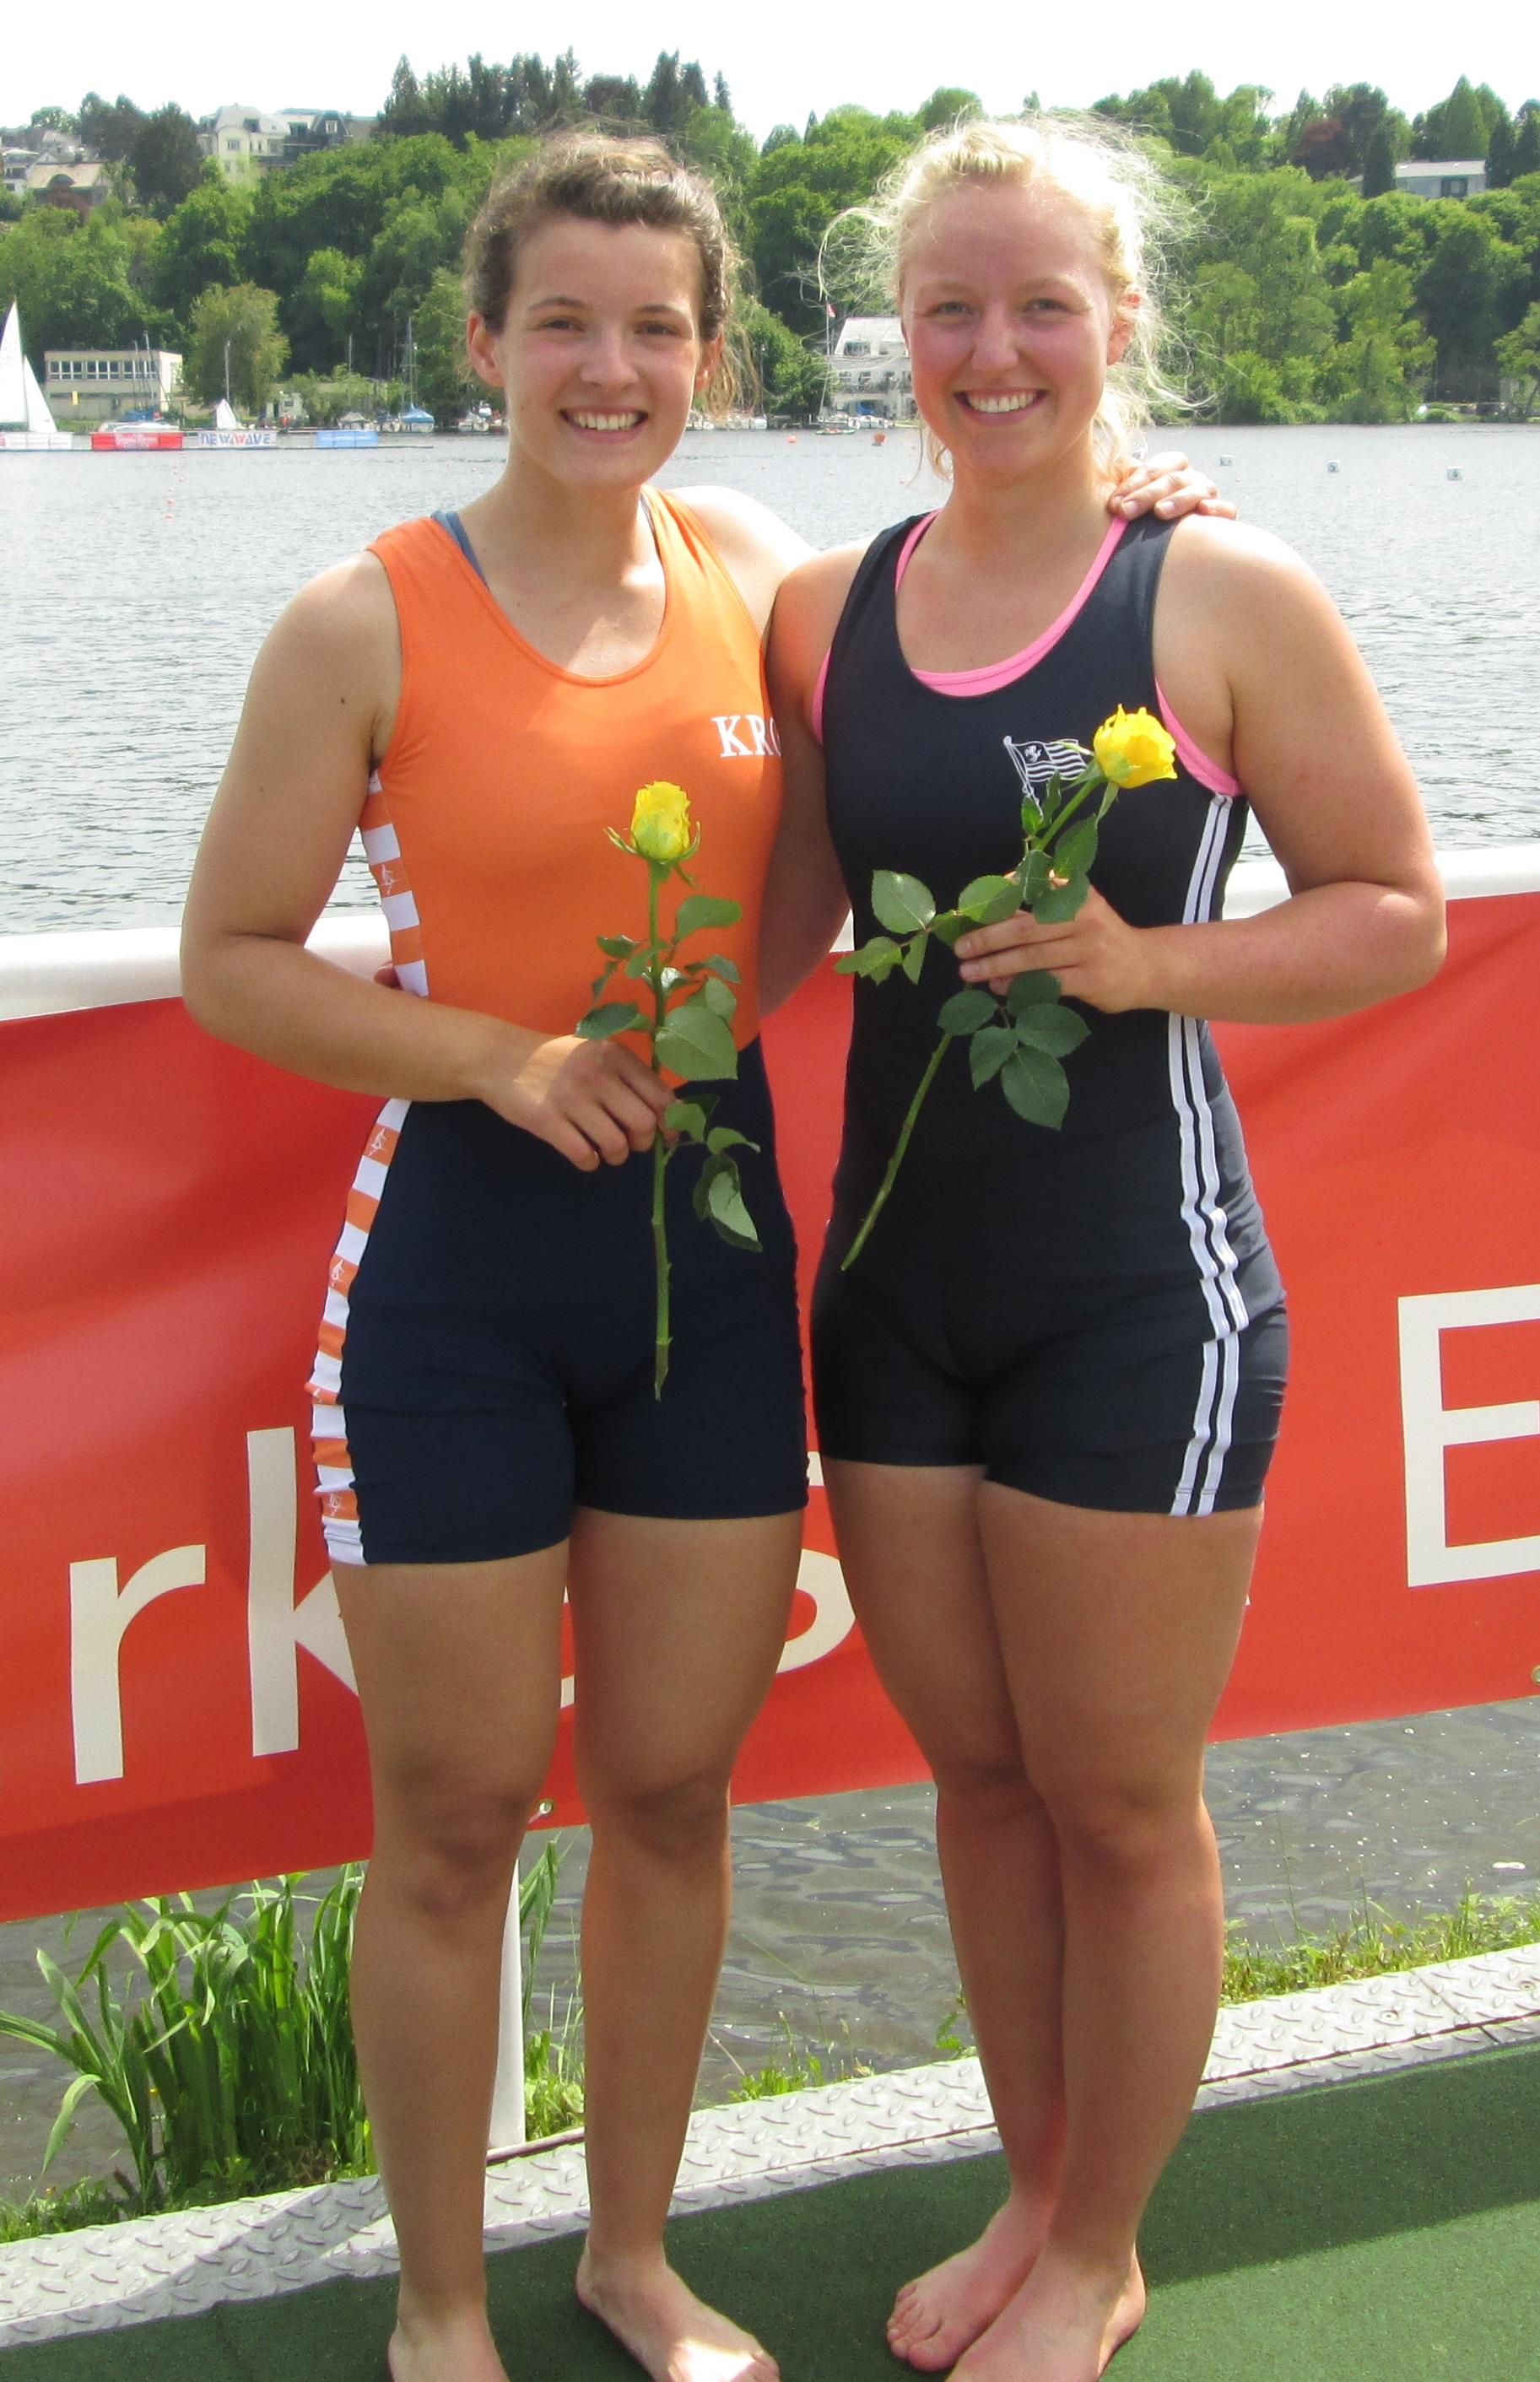 Bild der Siegerrehrung von Svenja Leemhuis und Julia Barz der zweiten Kleinbootüberprüfung